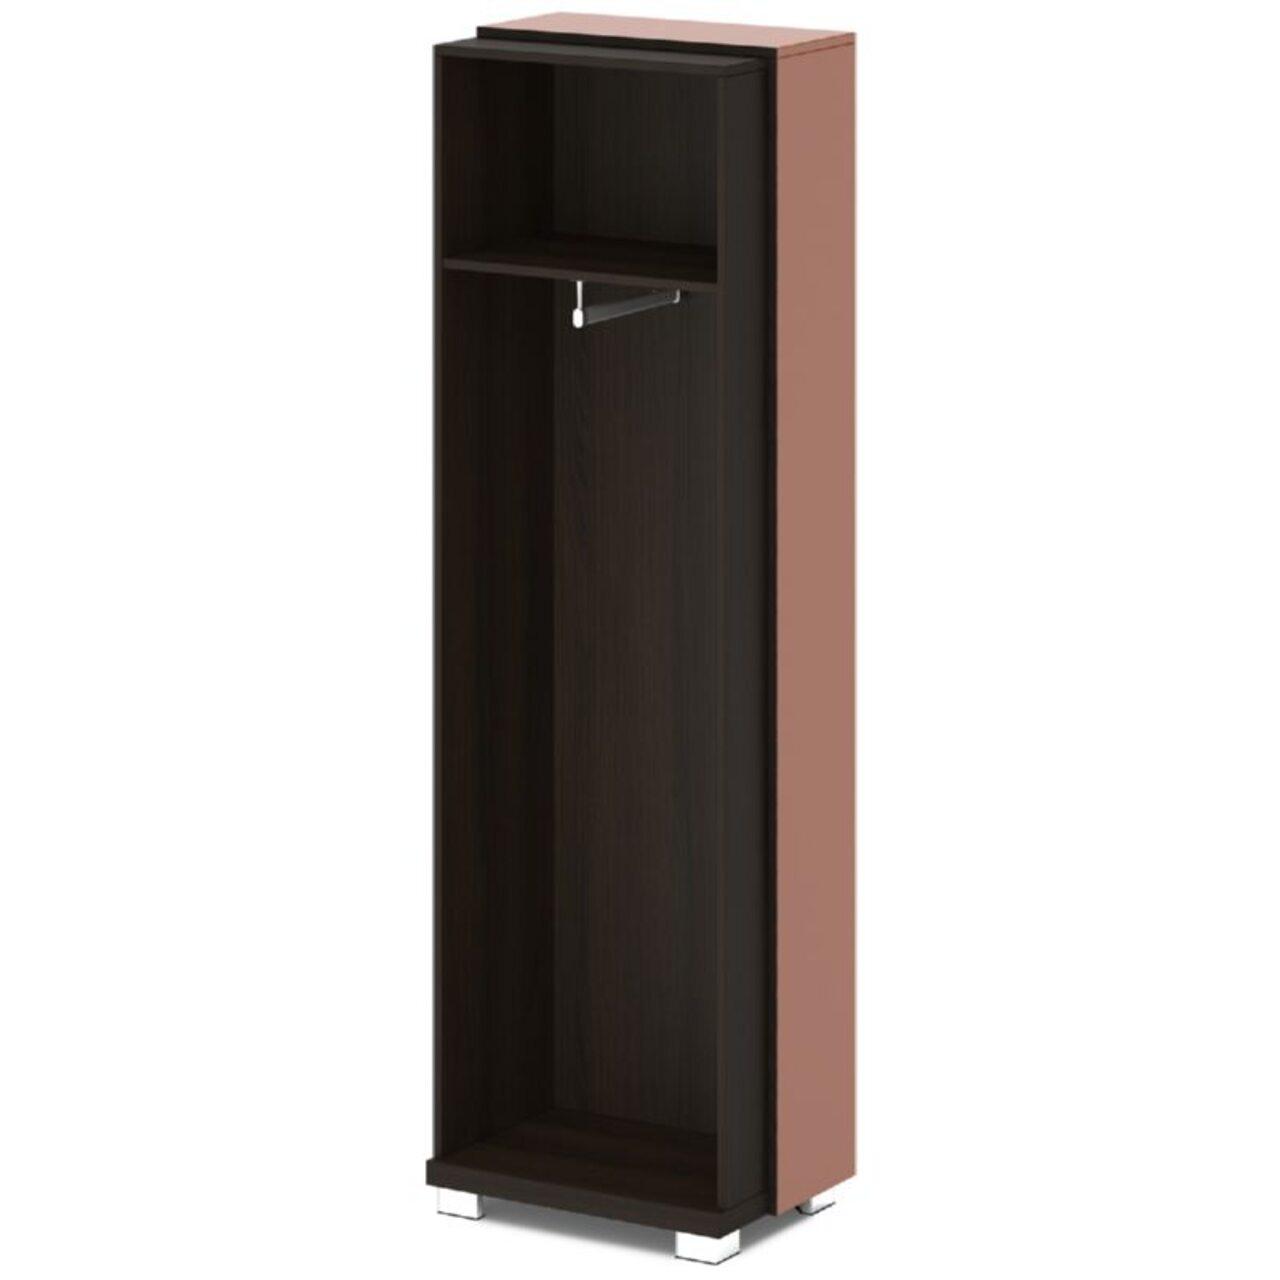 Каркас шкафа для одежды крайний  GRACE 62x44x205 - фото 13